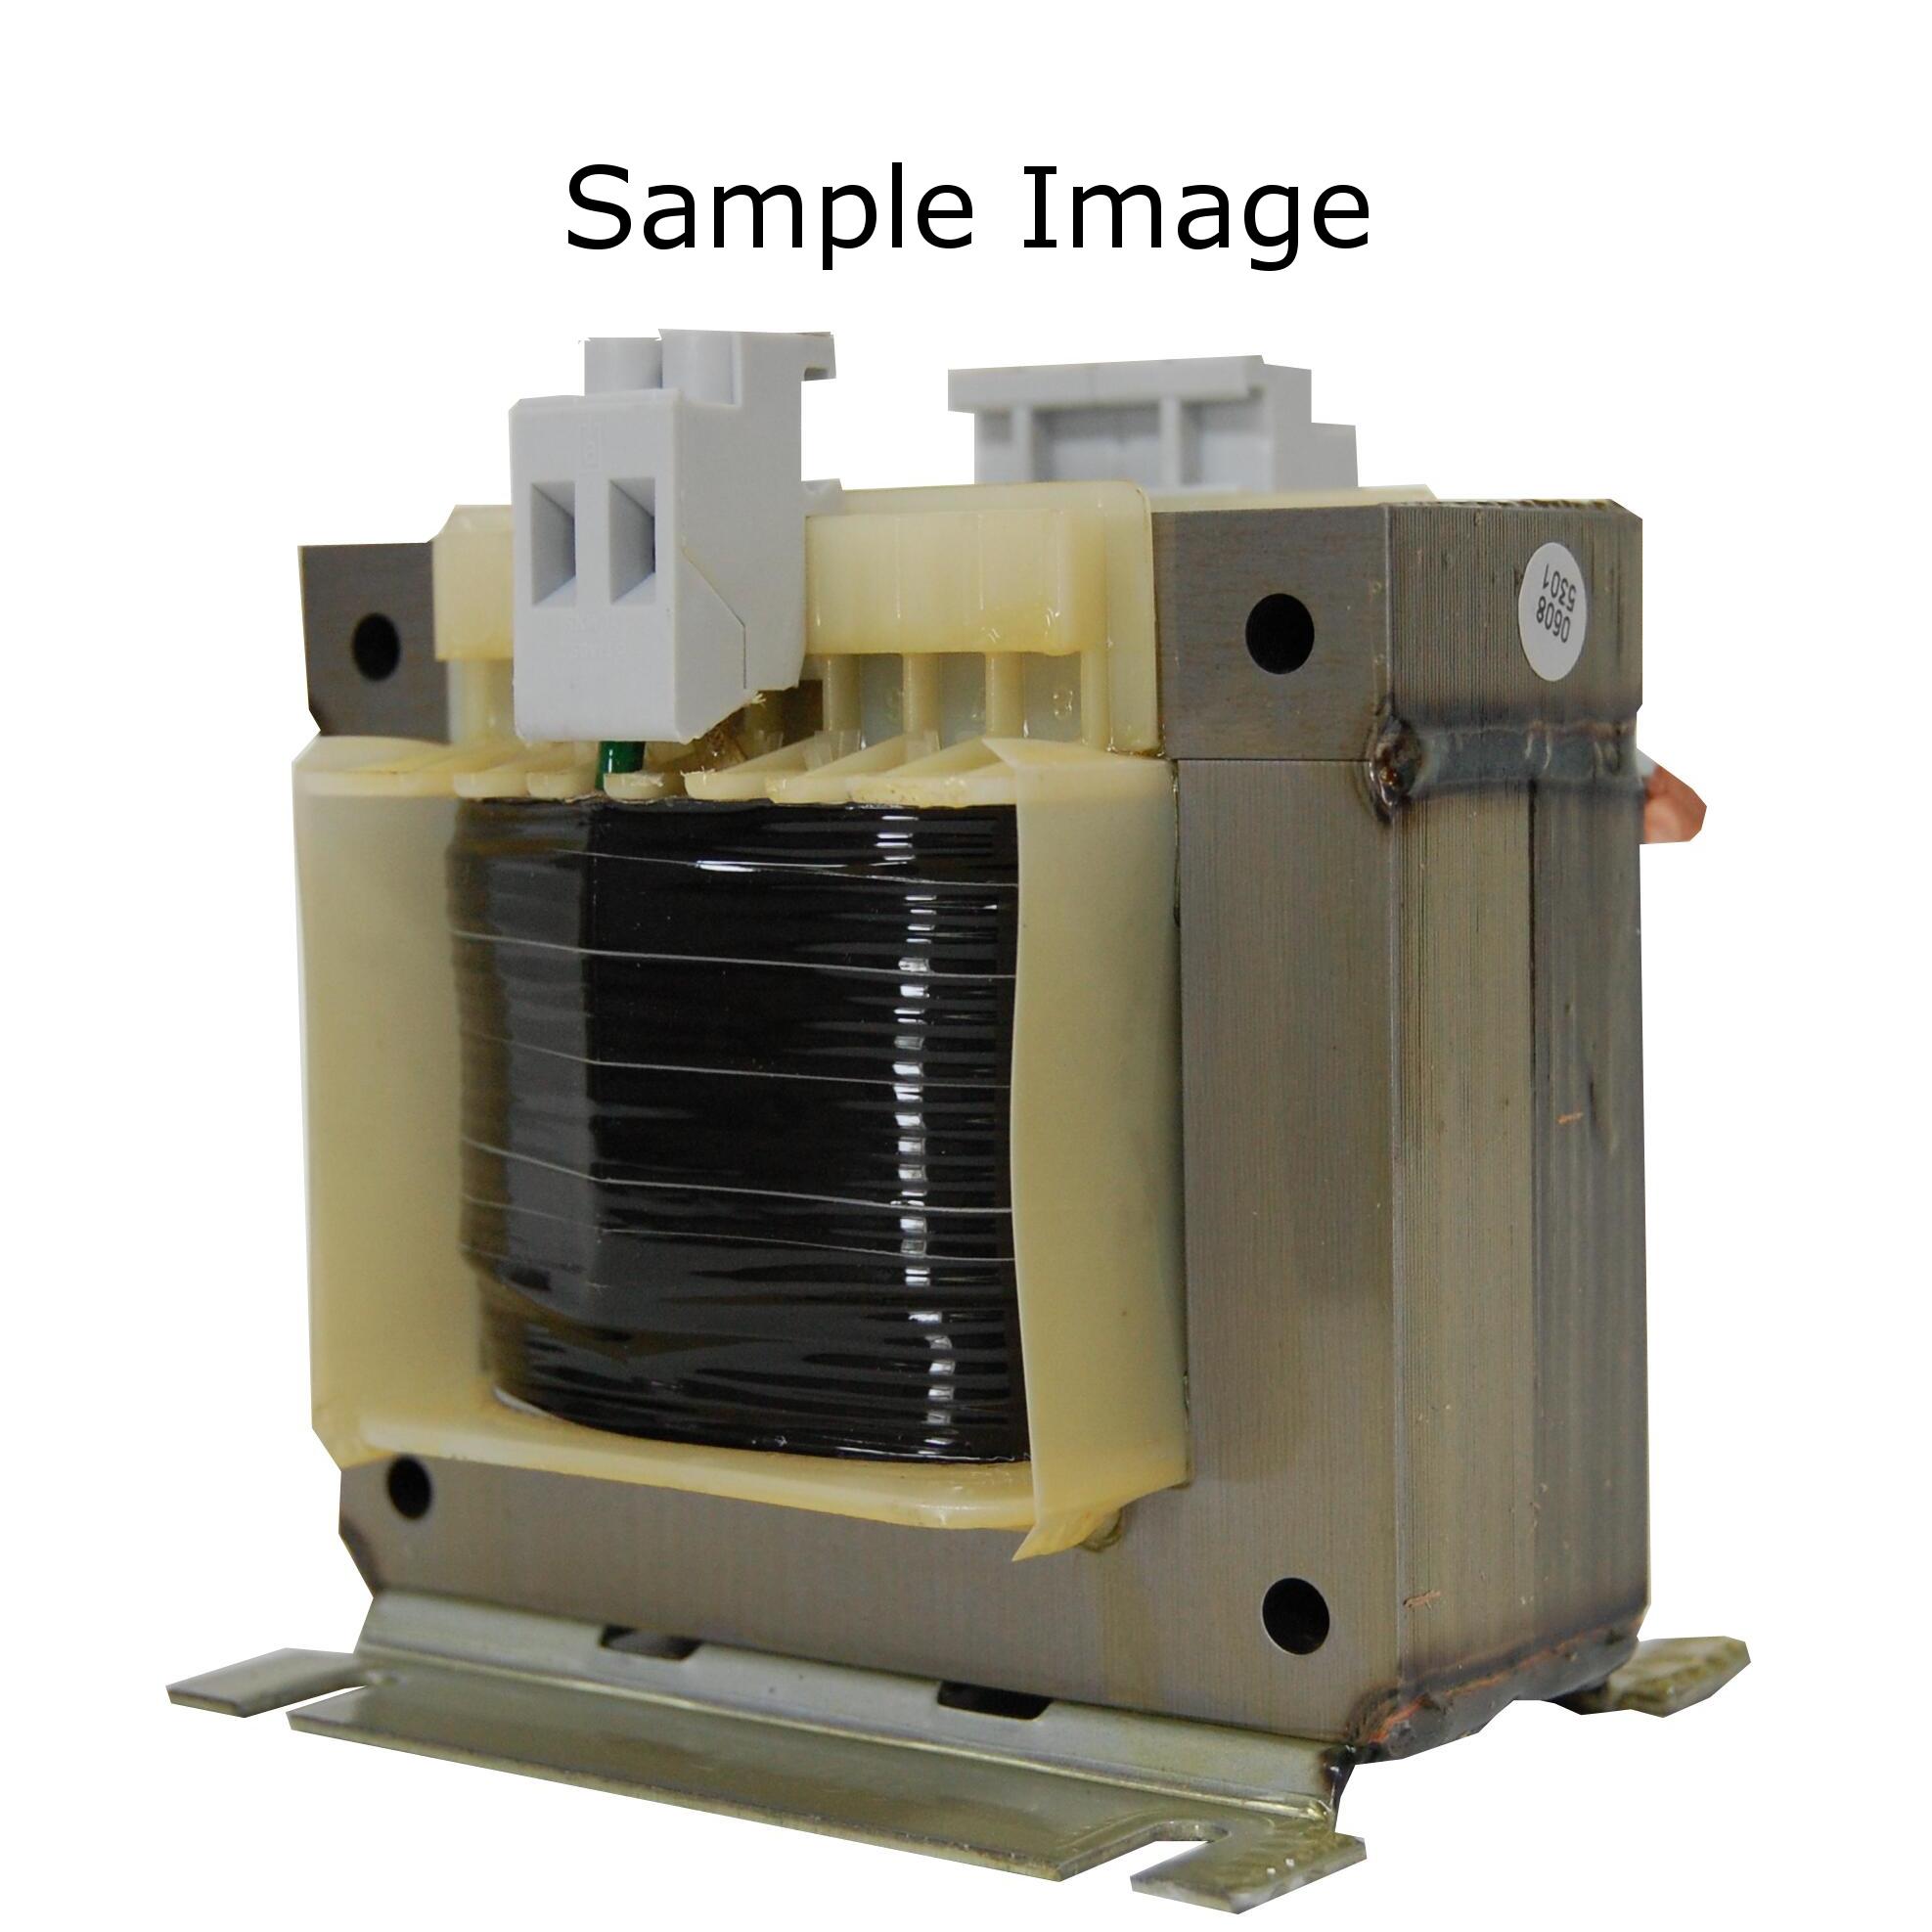 LP604010 - Schrack Technik